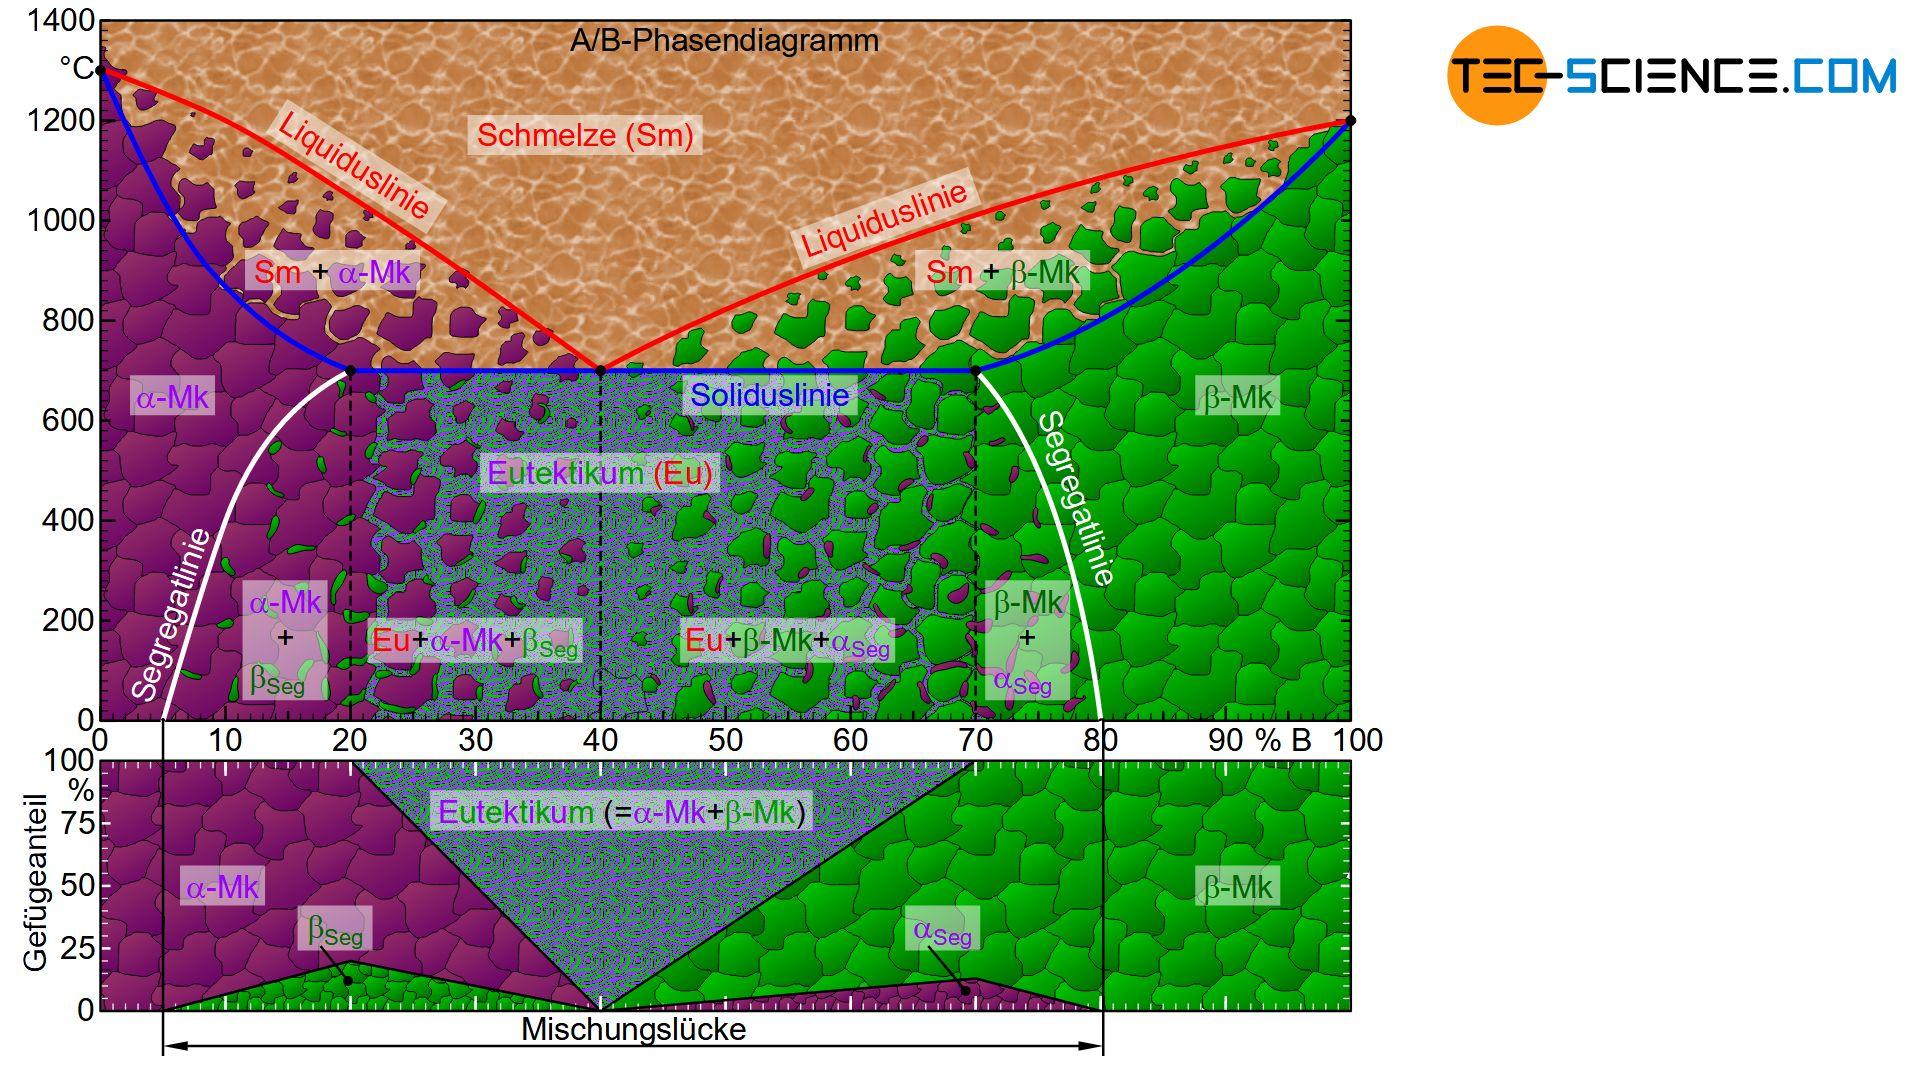 Phasendiagramm und Gefügediagramm eines Legierungssystems mit begrenzter Löslichkeit der Komponenten